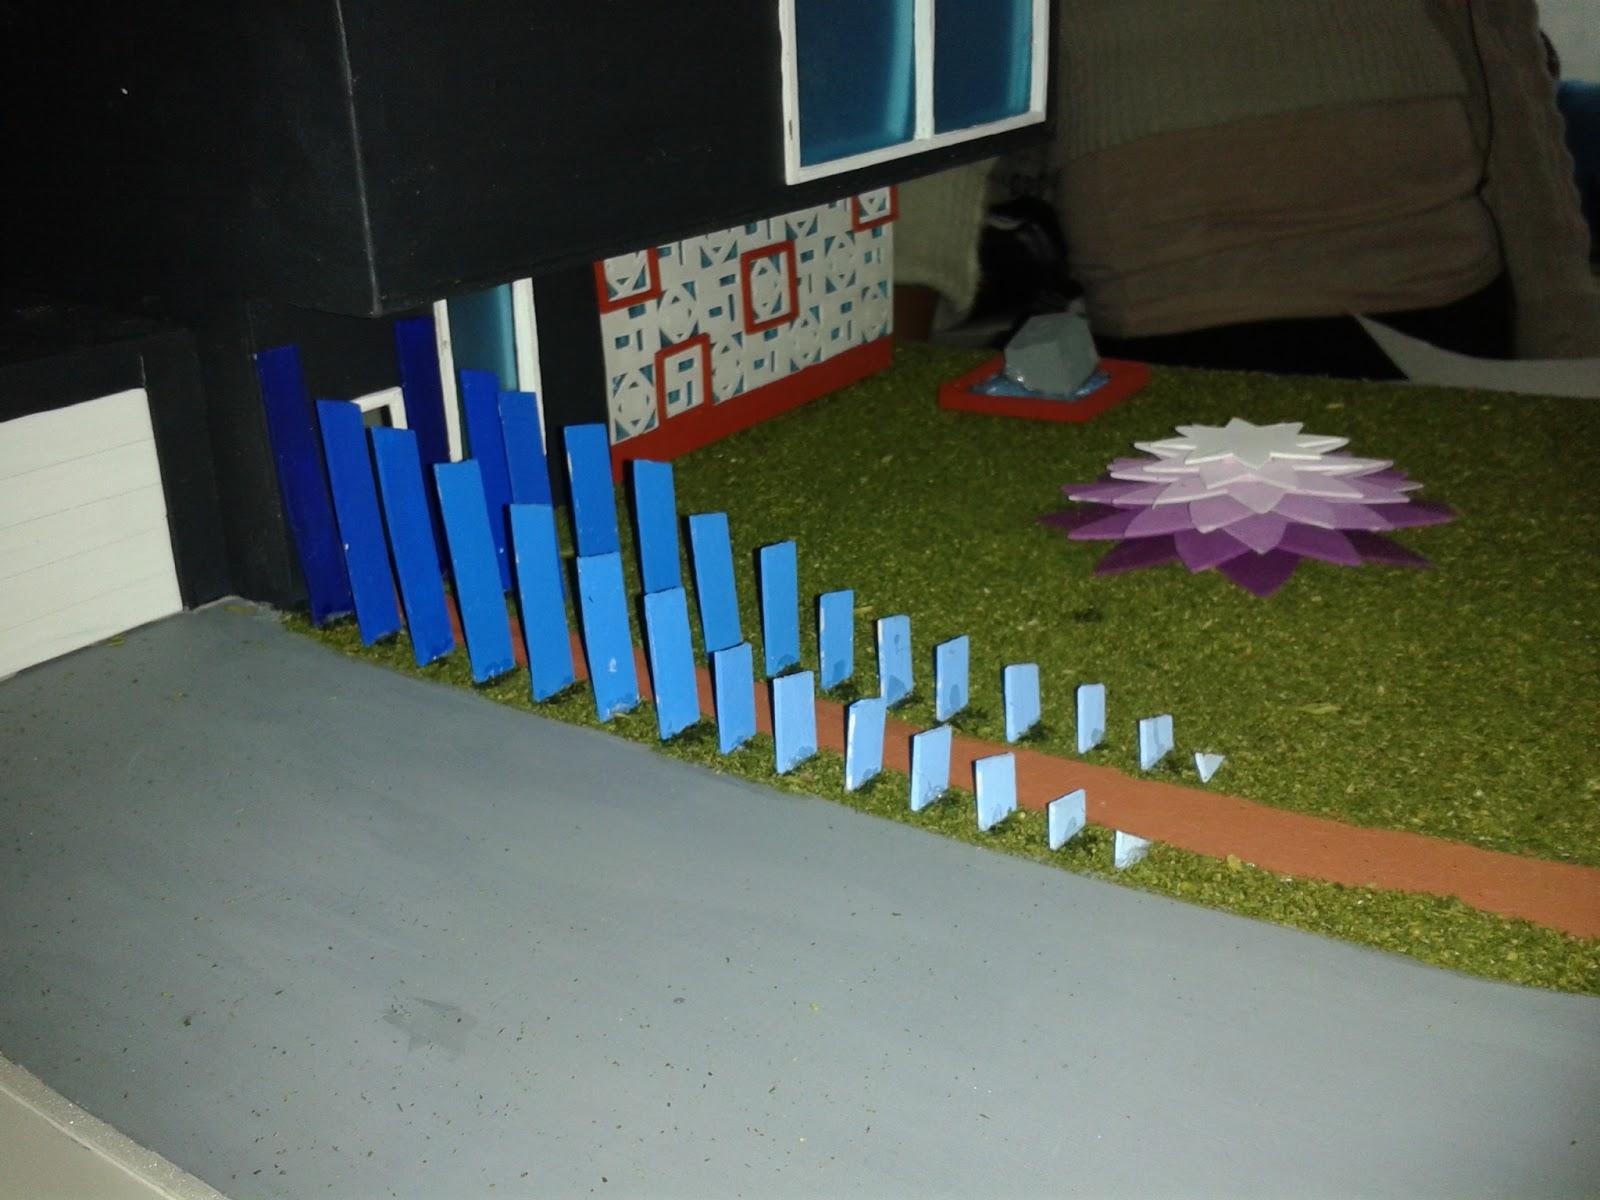 Dise o3d fauas maqueta de planos seriados y celos as for Maquetas de jardines